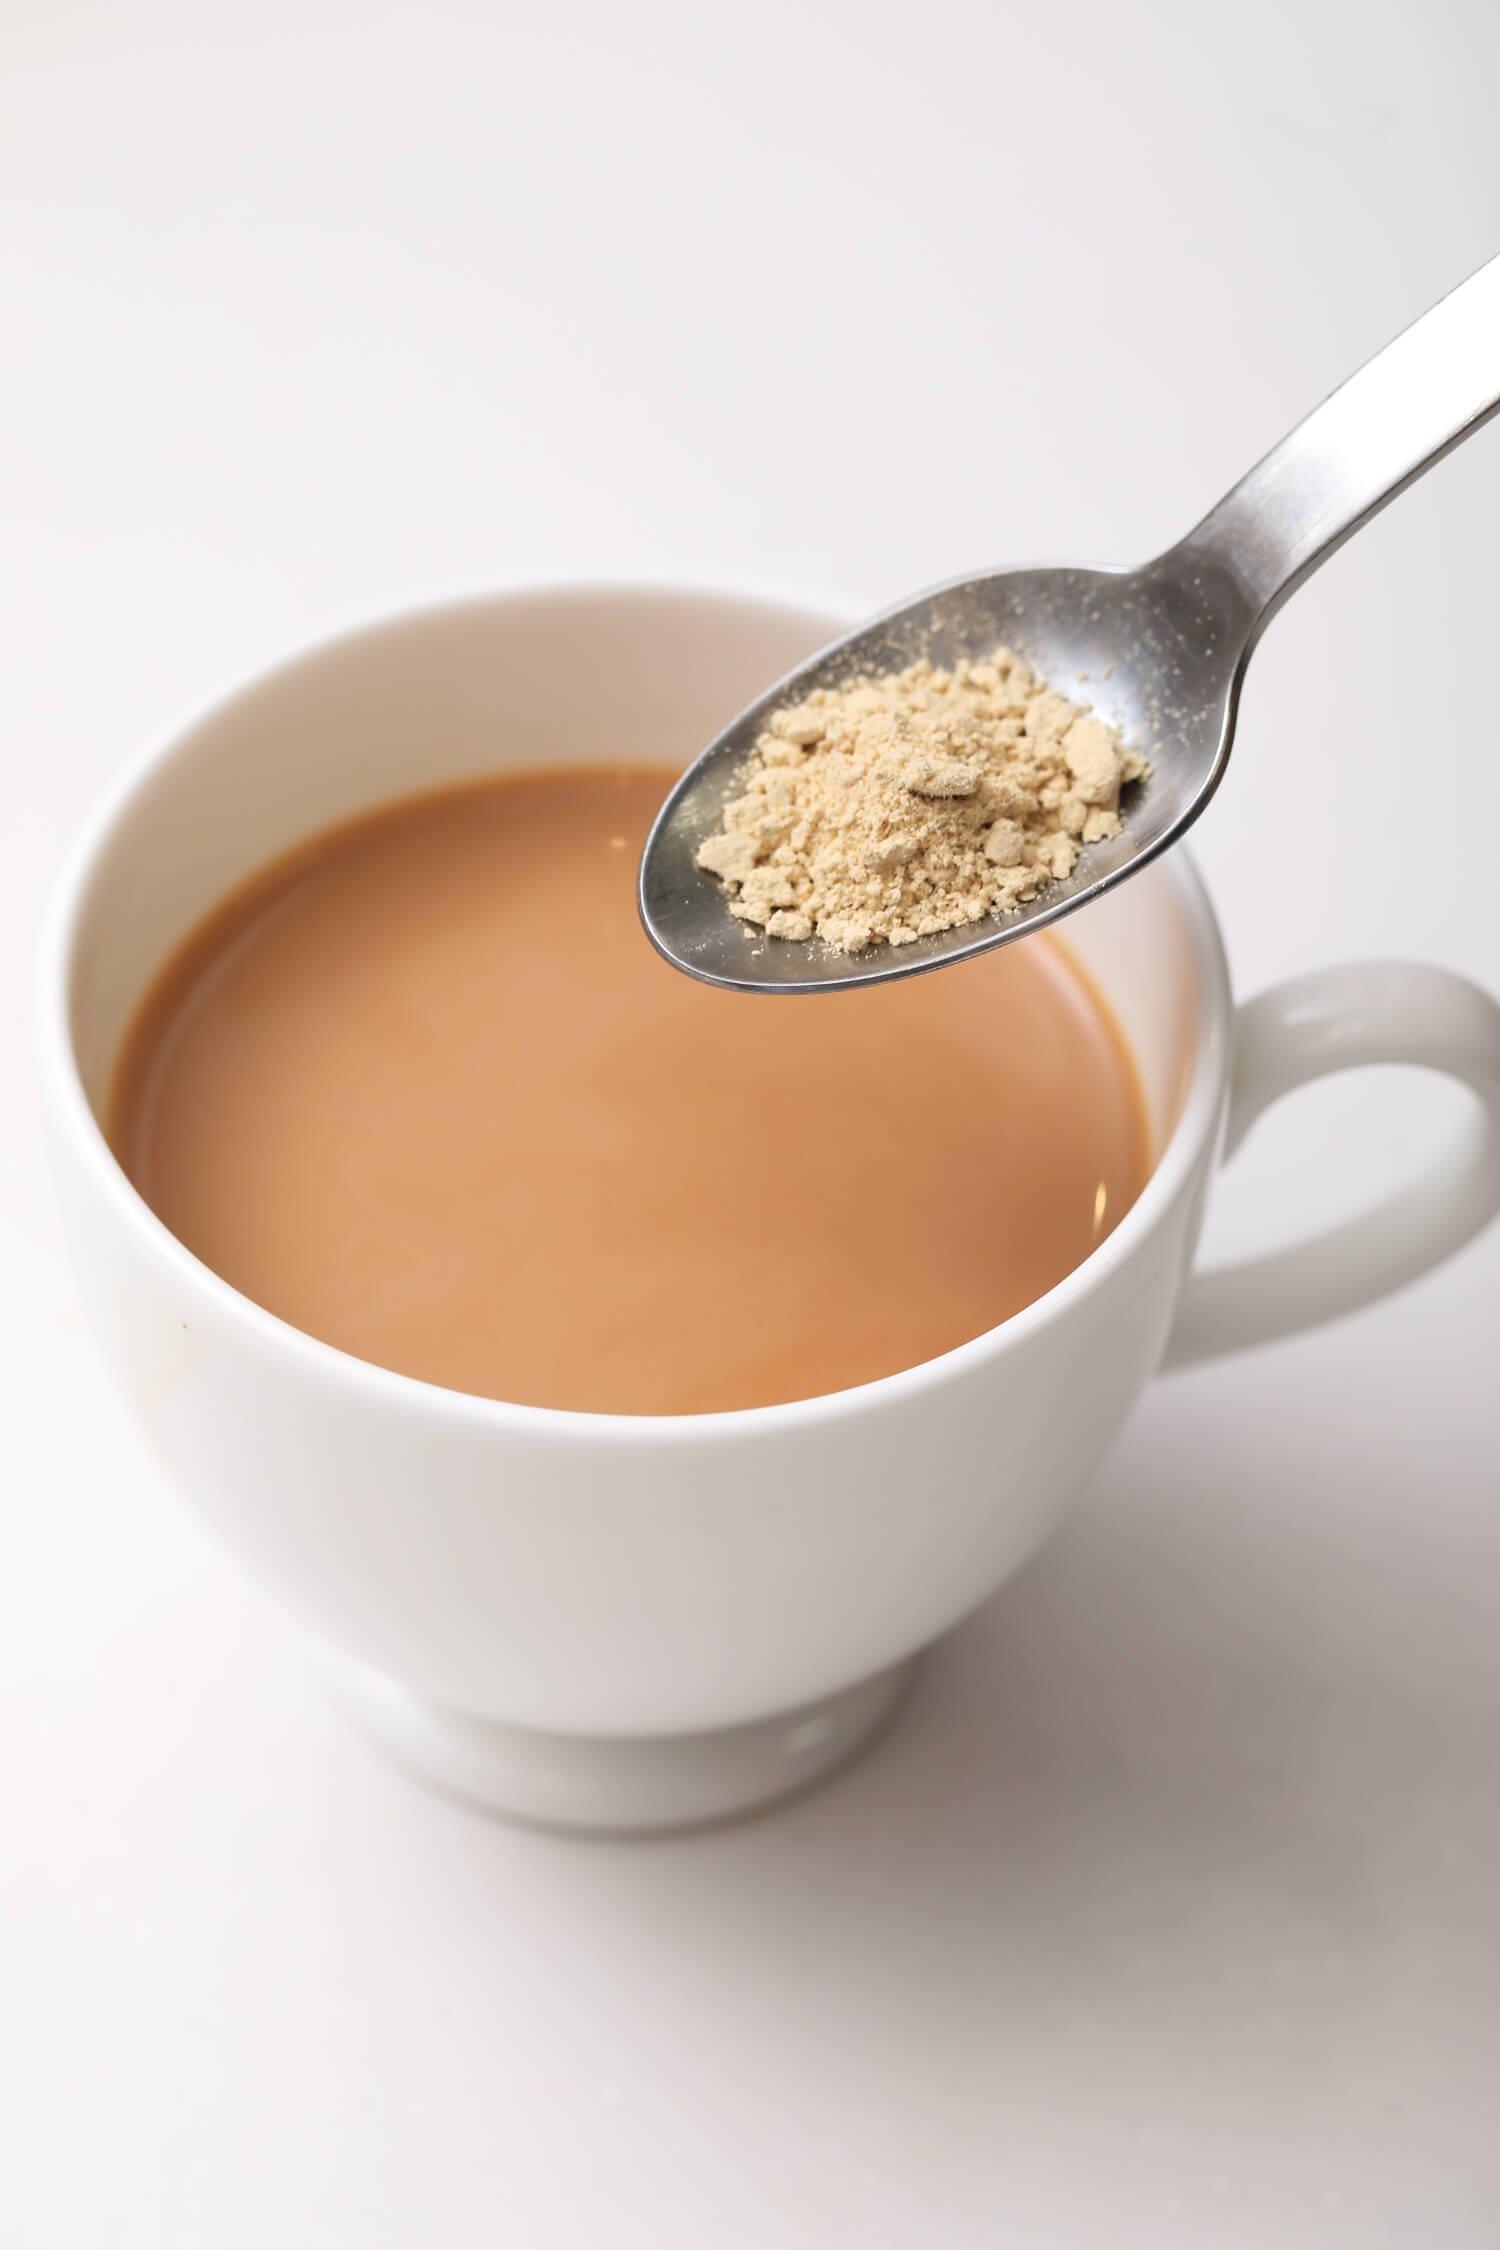 ジンジャーパウダーを足せばジンジャーチャイに。まずはミルクティーを作り、パウダースパイスで味付けする楽しみ方もあり。